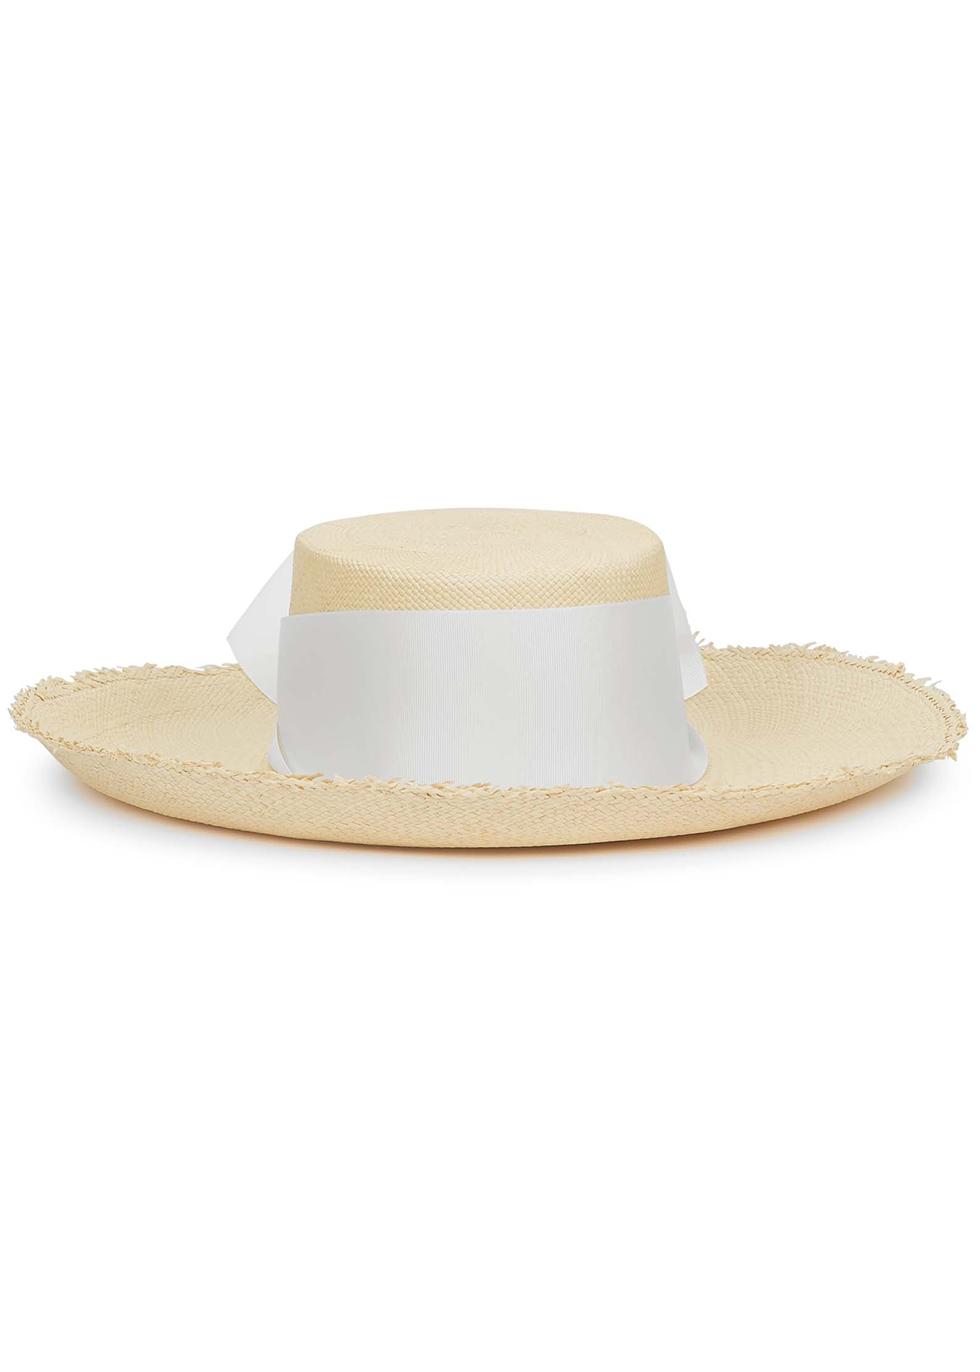 Cordovez straw hat